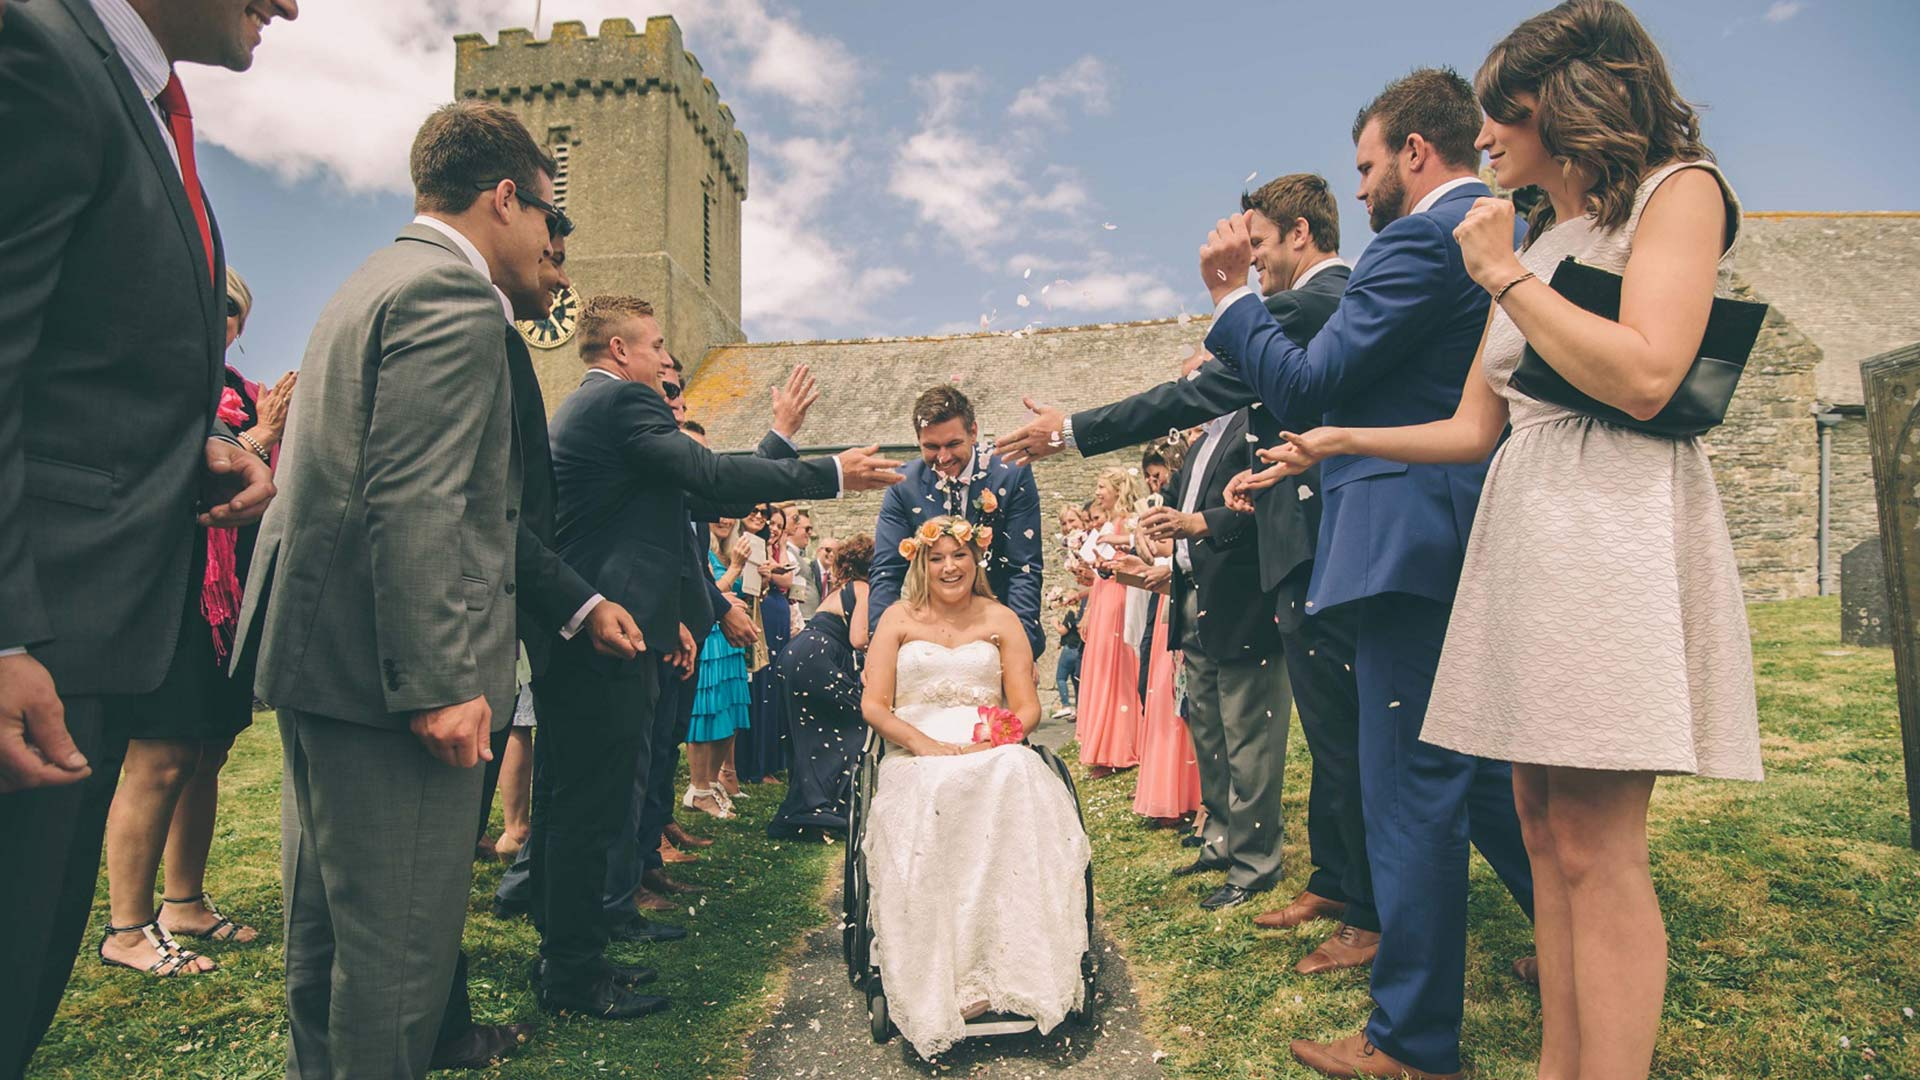 Conoceremos unas parejas que decidieron mantenerse unidas ante la adversidad y los problemas de salud y que celebran el día de su boda como el gran triunfo de su amor